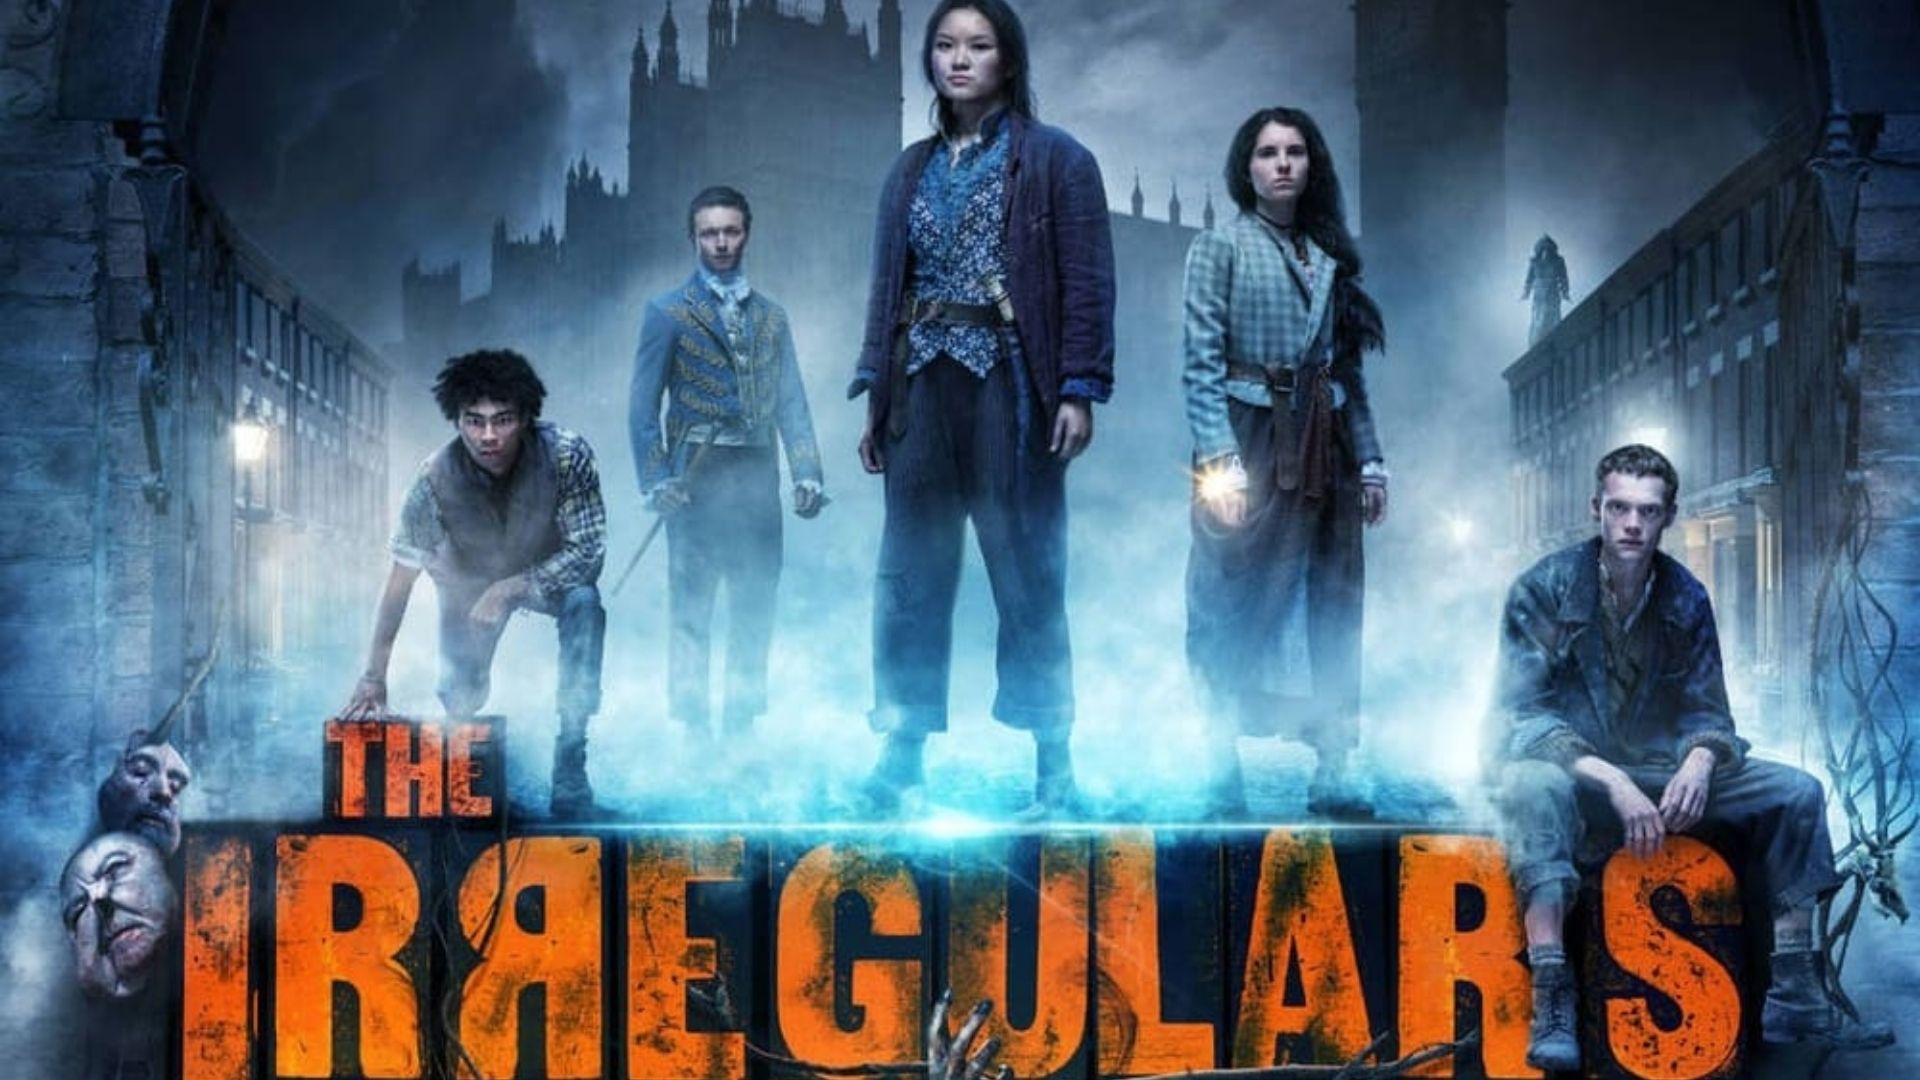 Critique « The Irregulars » (2021) : Des scénarii de qualité assez irrégulière !